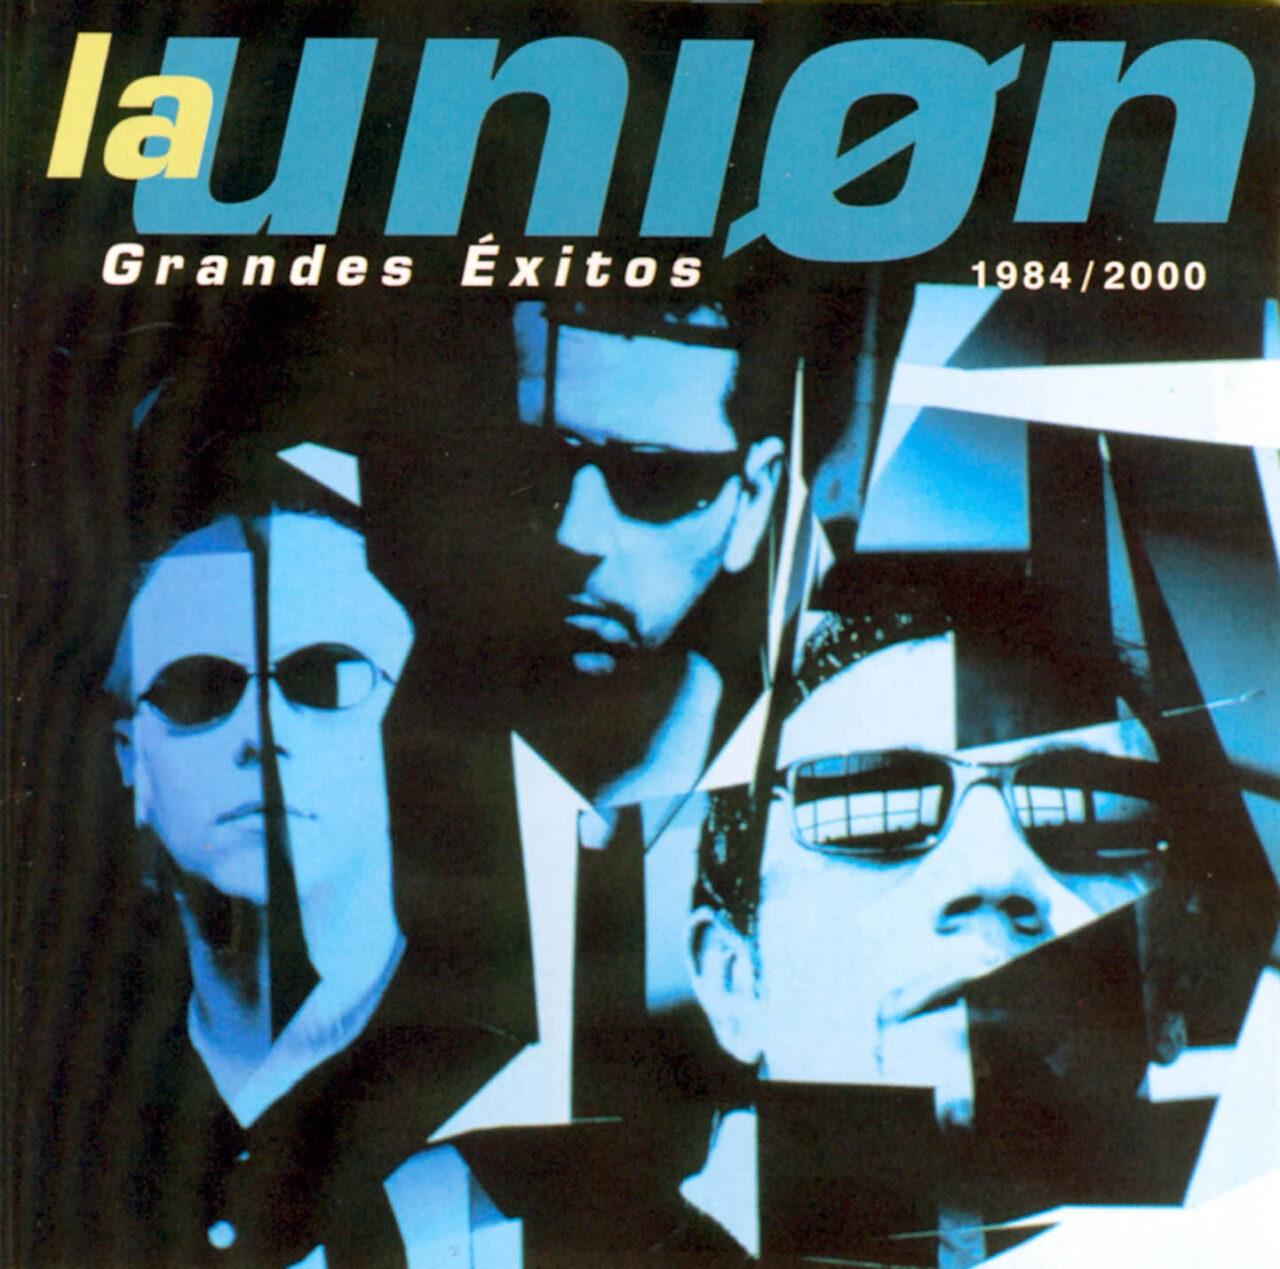 La Unión - Grandes Éxitos 1984 / 2000 CD